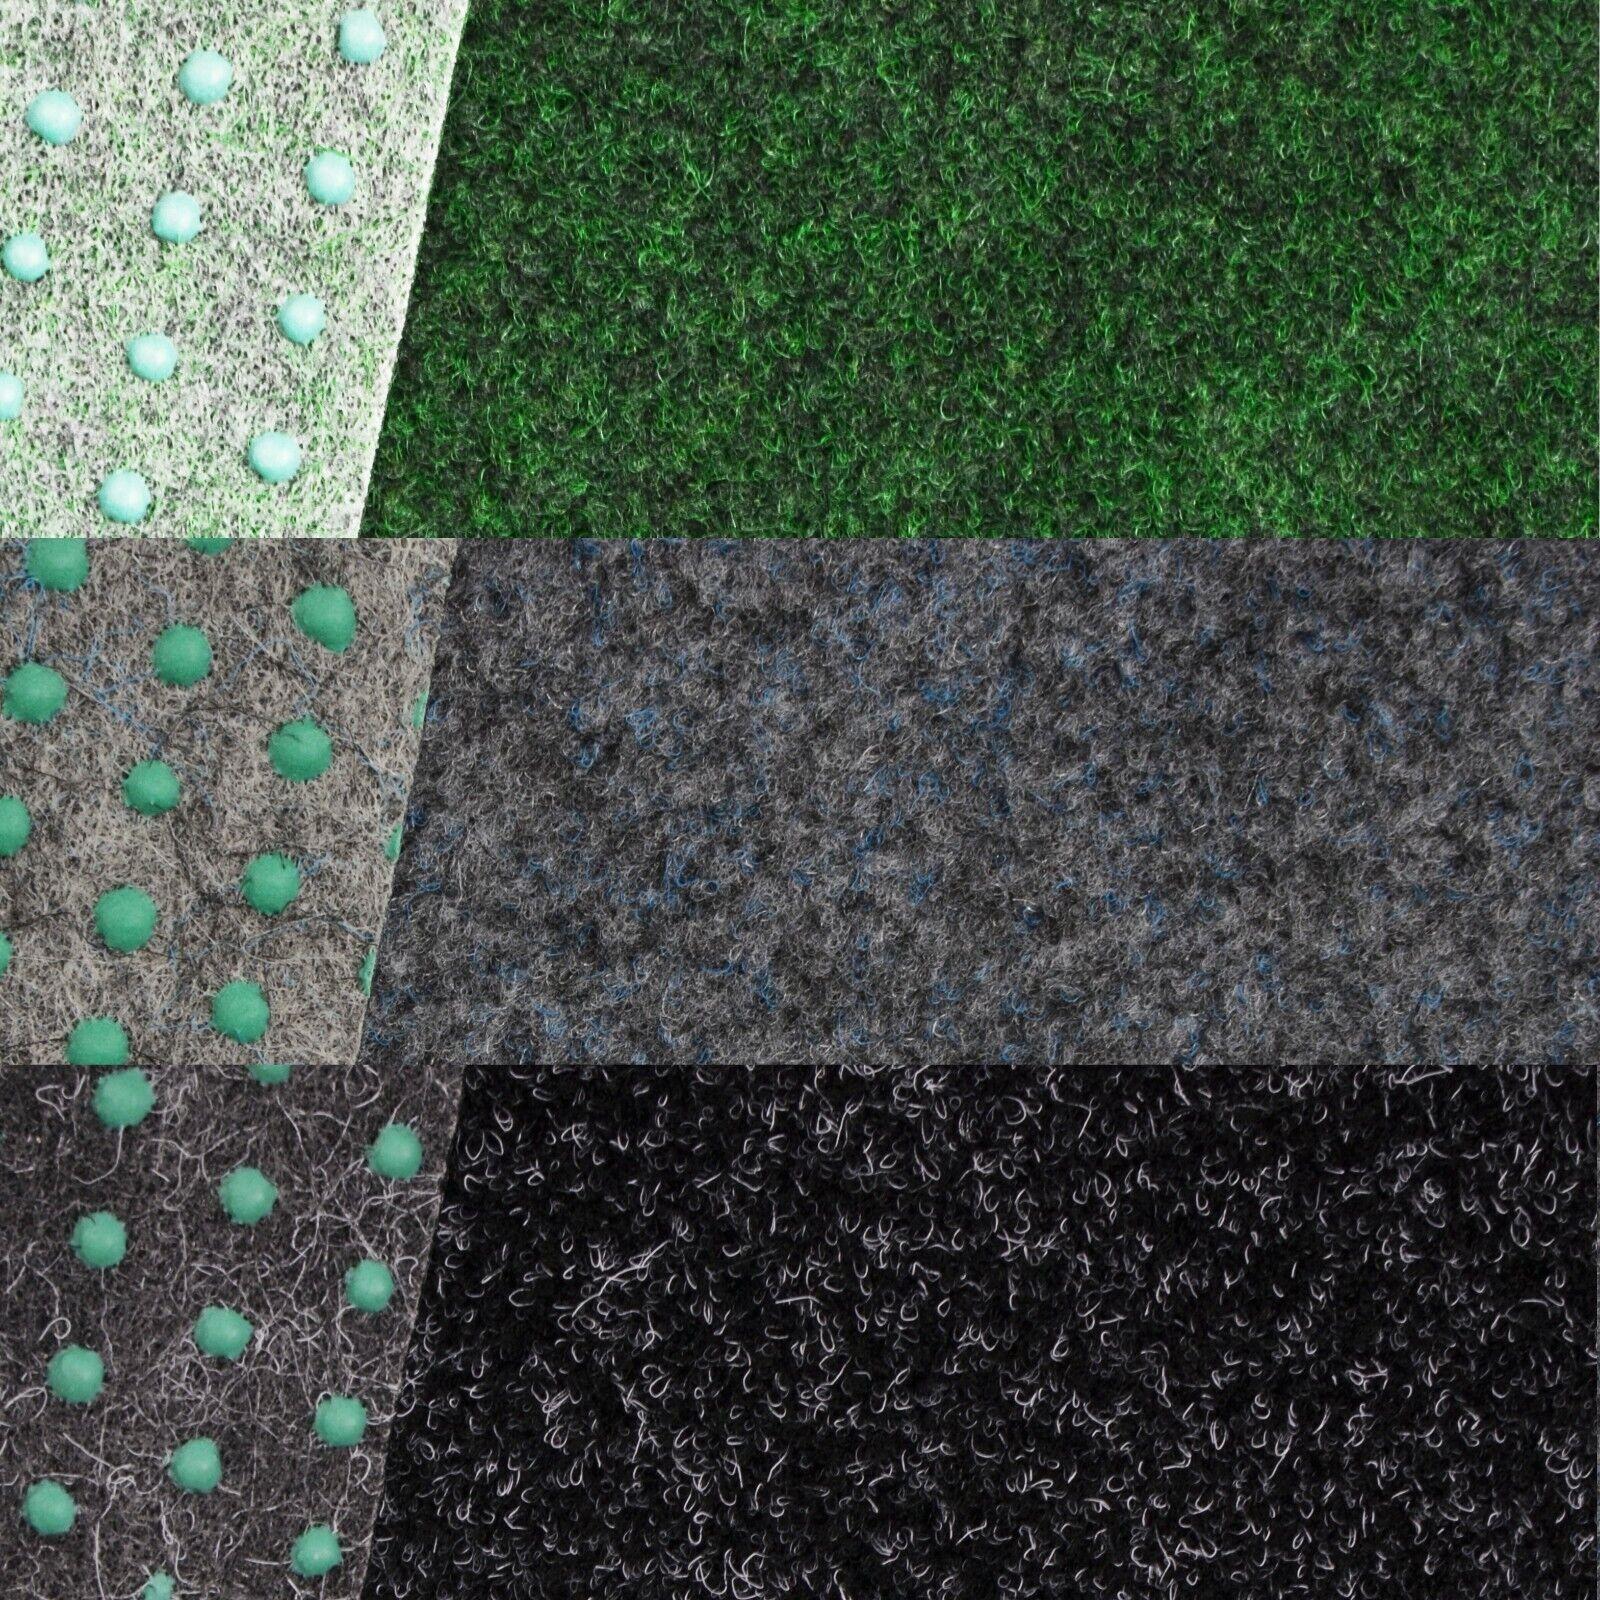 Kunstrasenteppich  3 Farbig mit Drainagenoppen